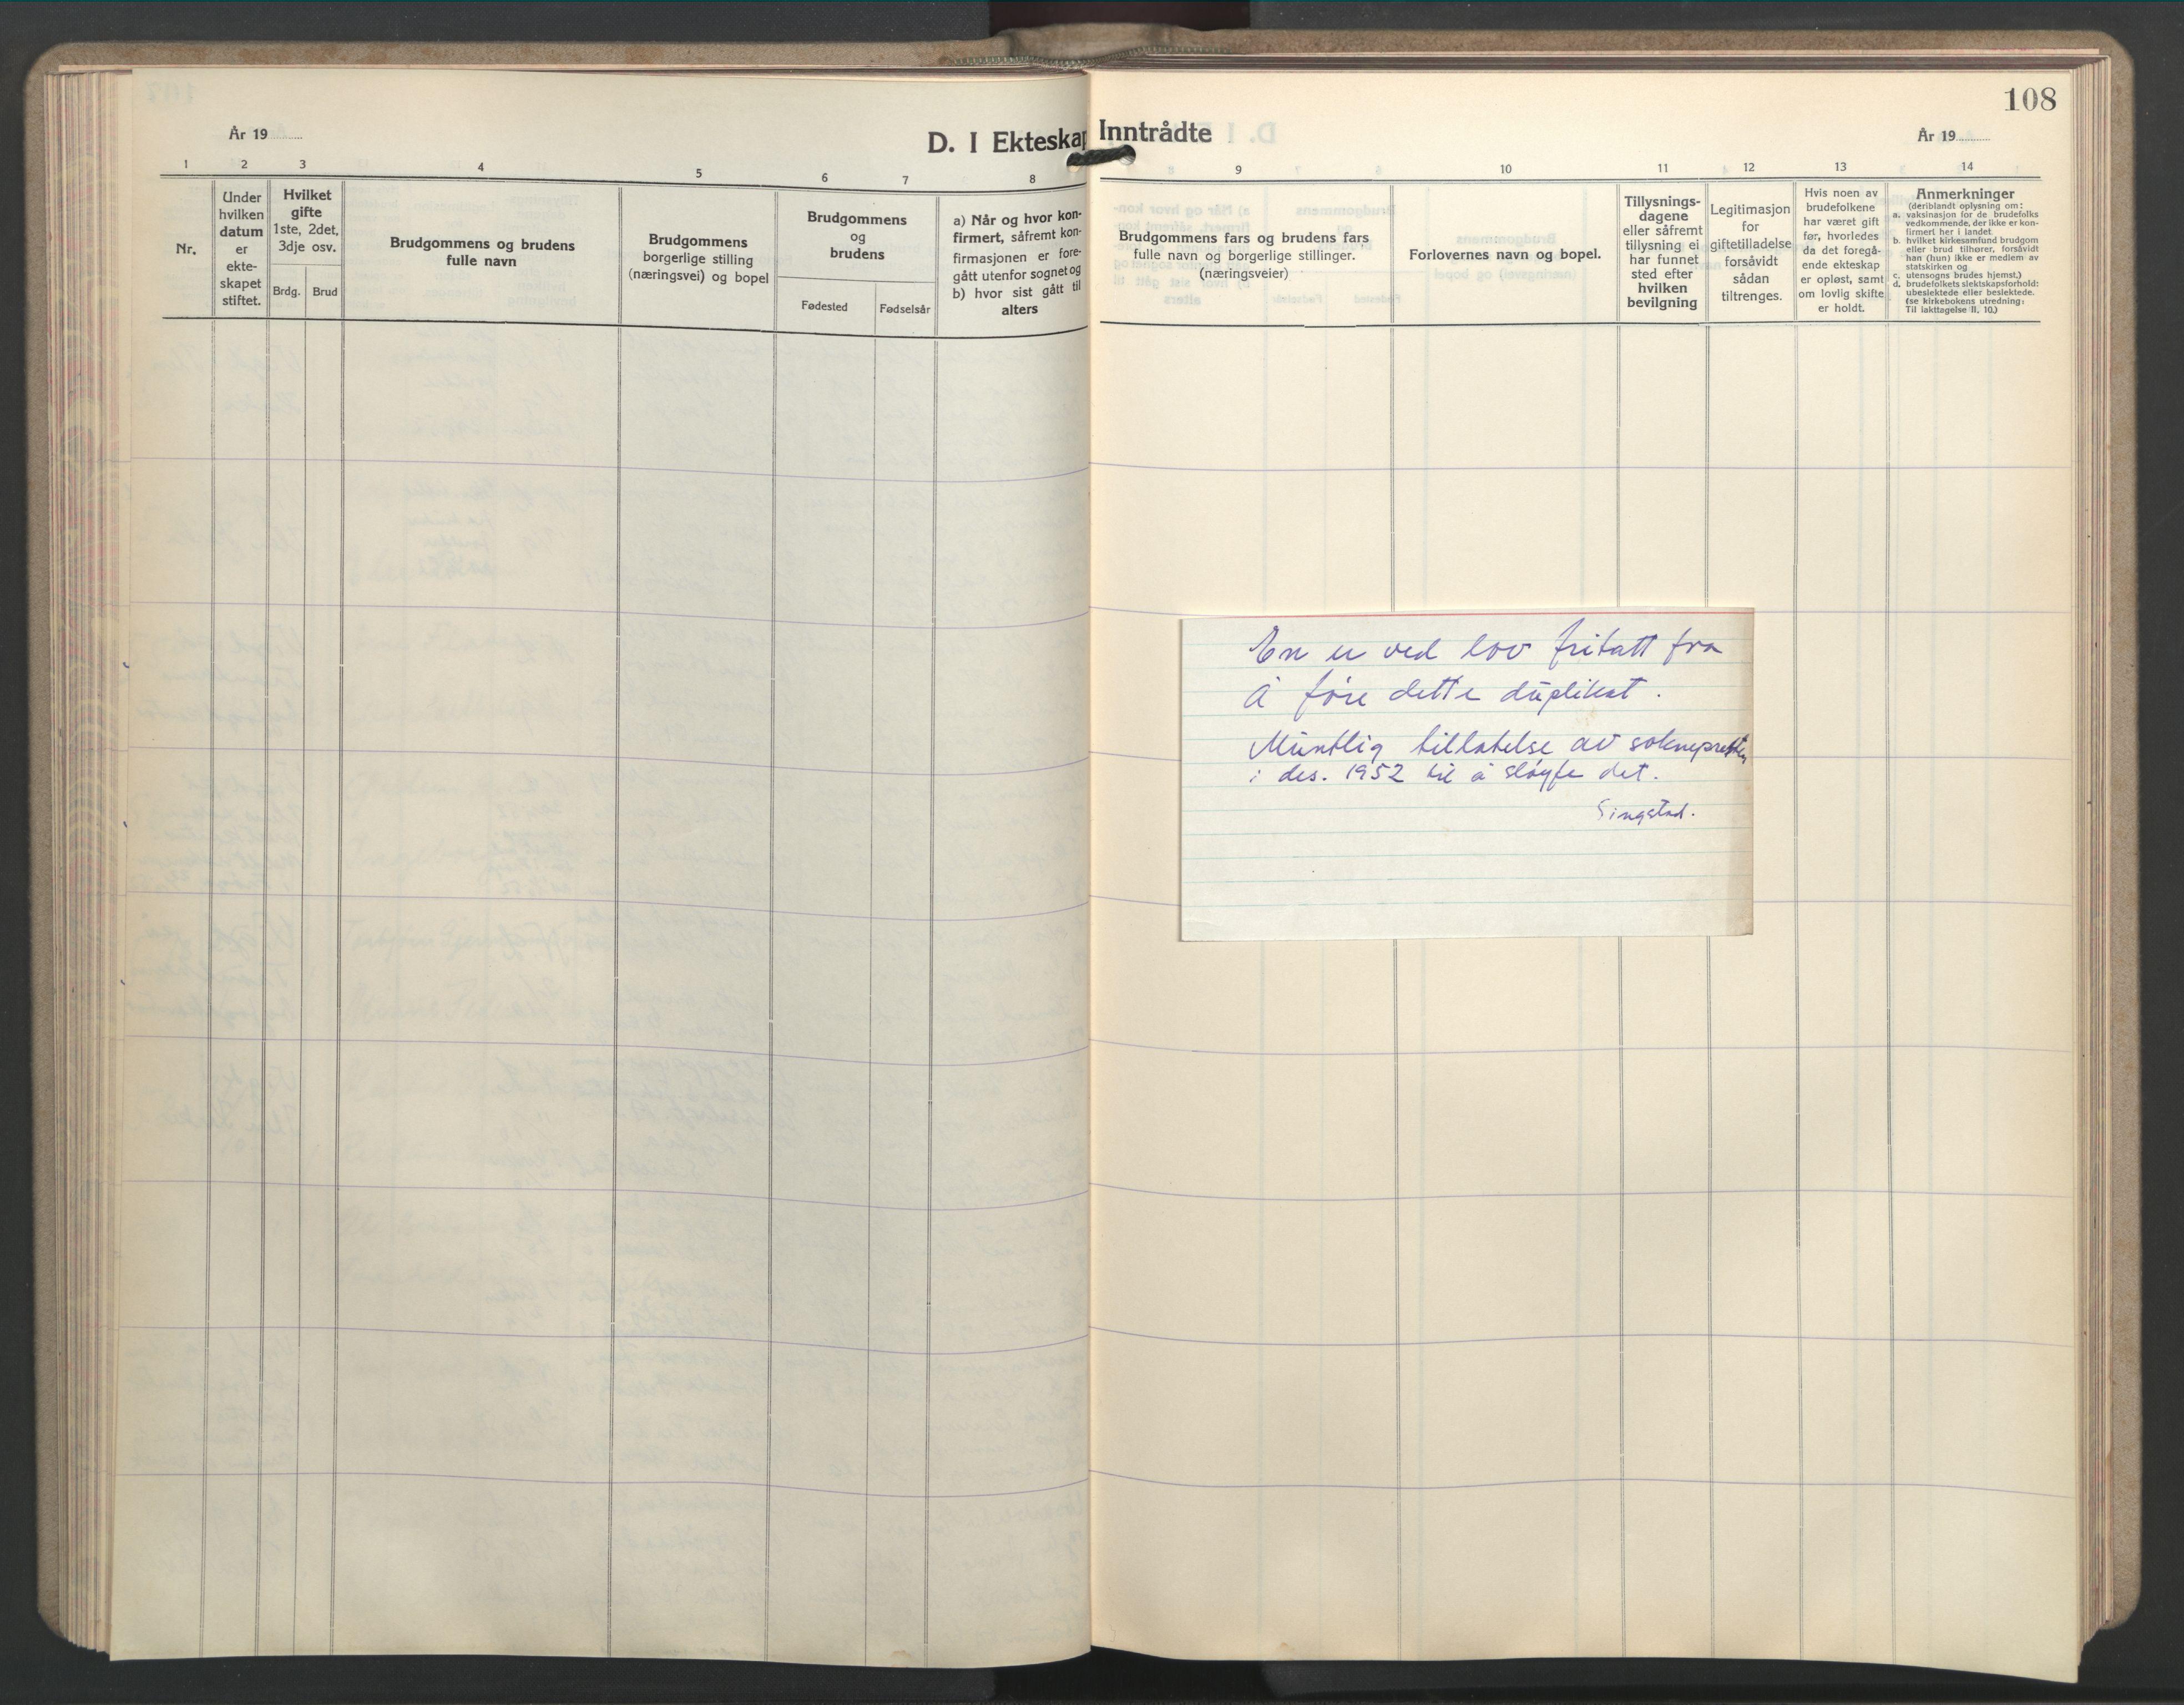 SAT, Ministerialprotokoller, klokkerbøker og fødselsregistre - Sør-Trøndelag, 603/L0177: Klokkerbok nr. 603C05, 1941-1952, s. 108